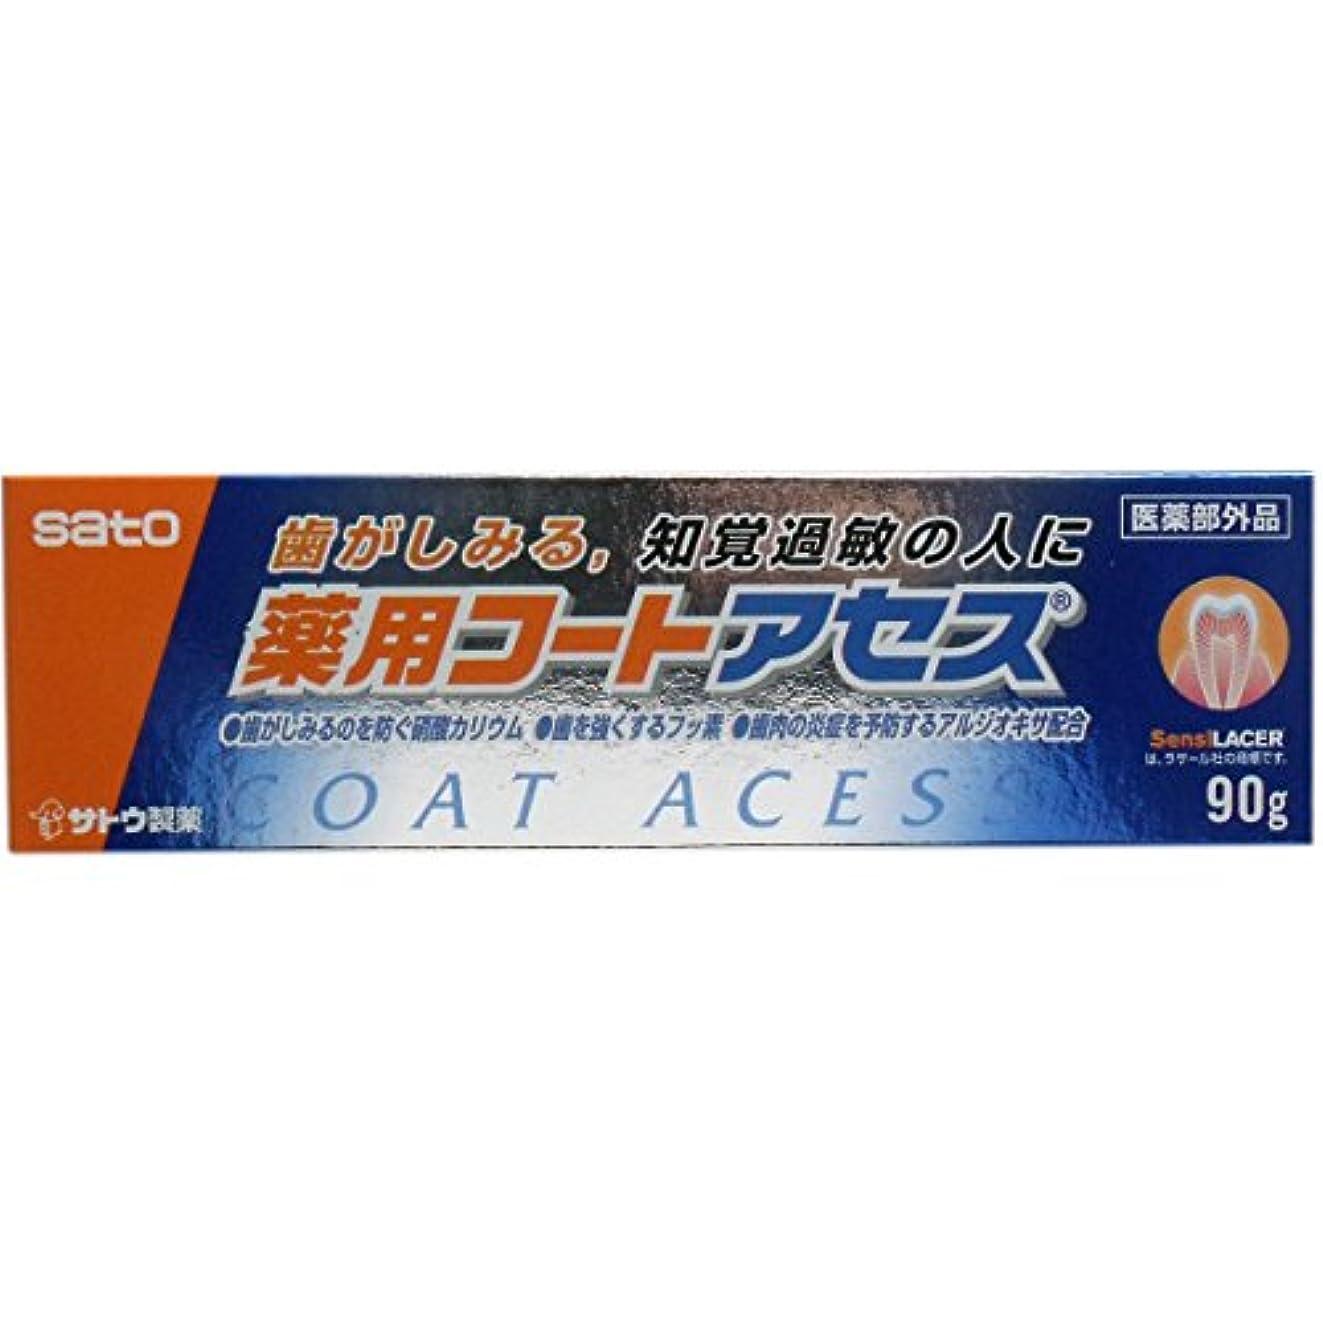 レジ反発火傷サトウ製薬 薬用コートアセス 薬用歯みがき 90g ×8個セット